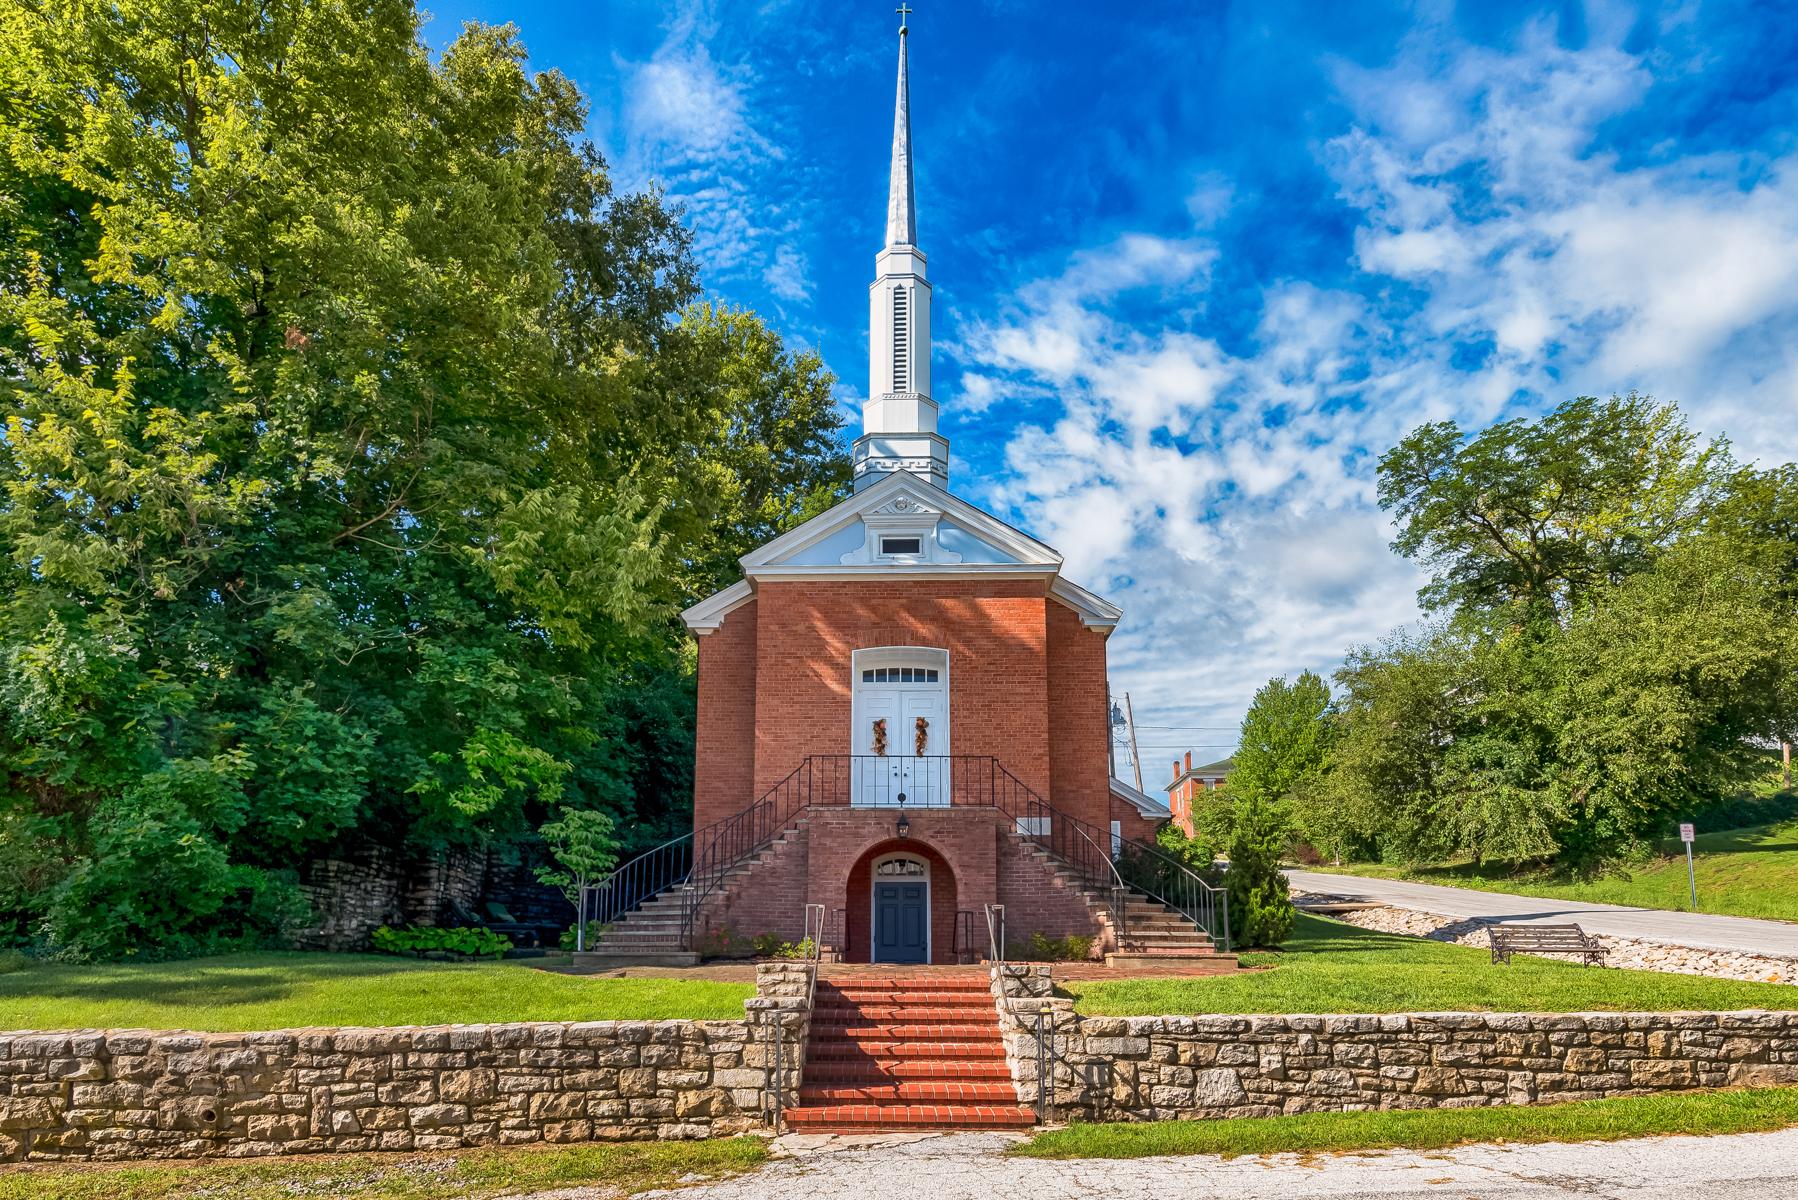 단독 가정 주택 용 매매 에 This property was the quaint Grace Church that looked over the town of Clarksvil 101 South 3rd Street Clarksville, 미주리, 63336 미국